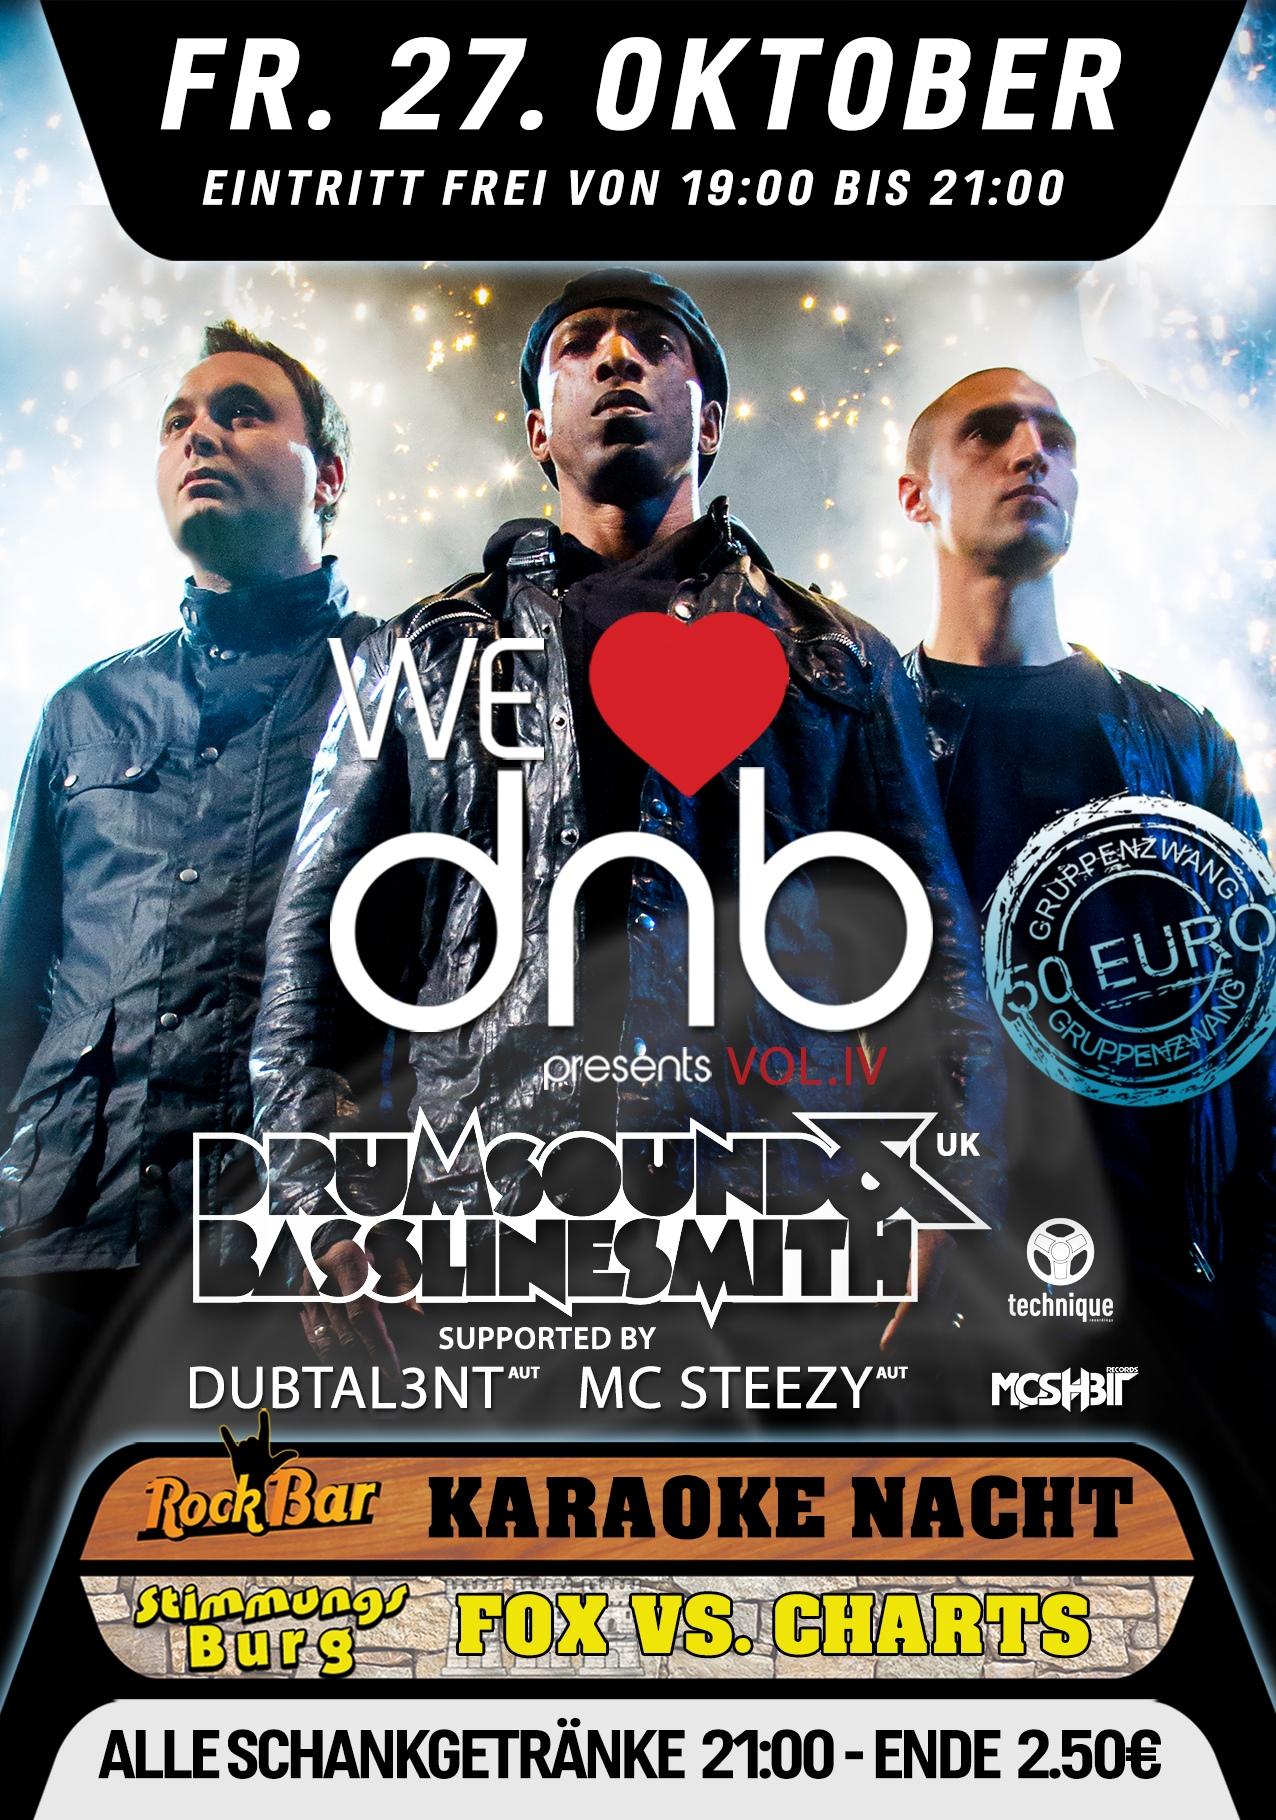 We <3 DNB Vol. IV